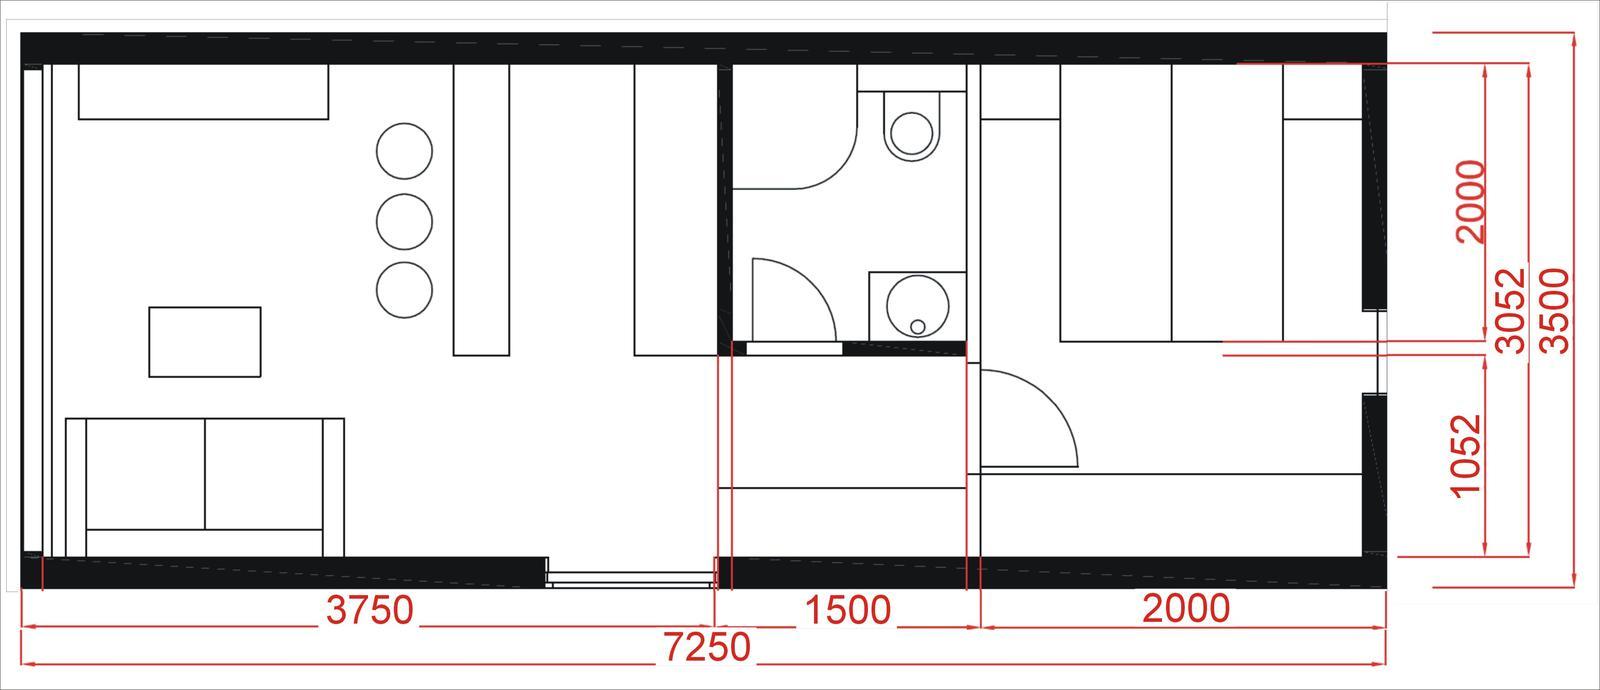 Mobilné domy - Veľkosť mobilného domu č.2